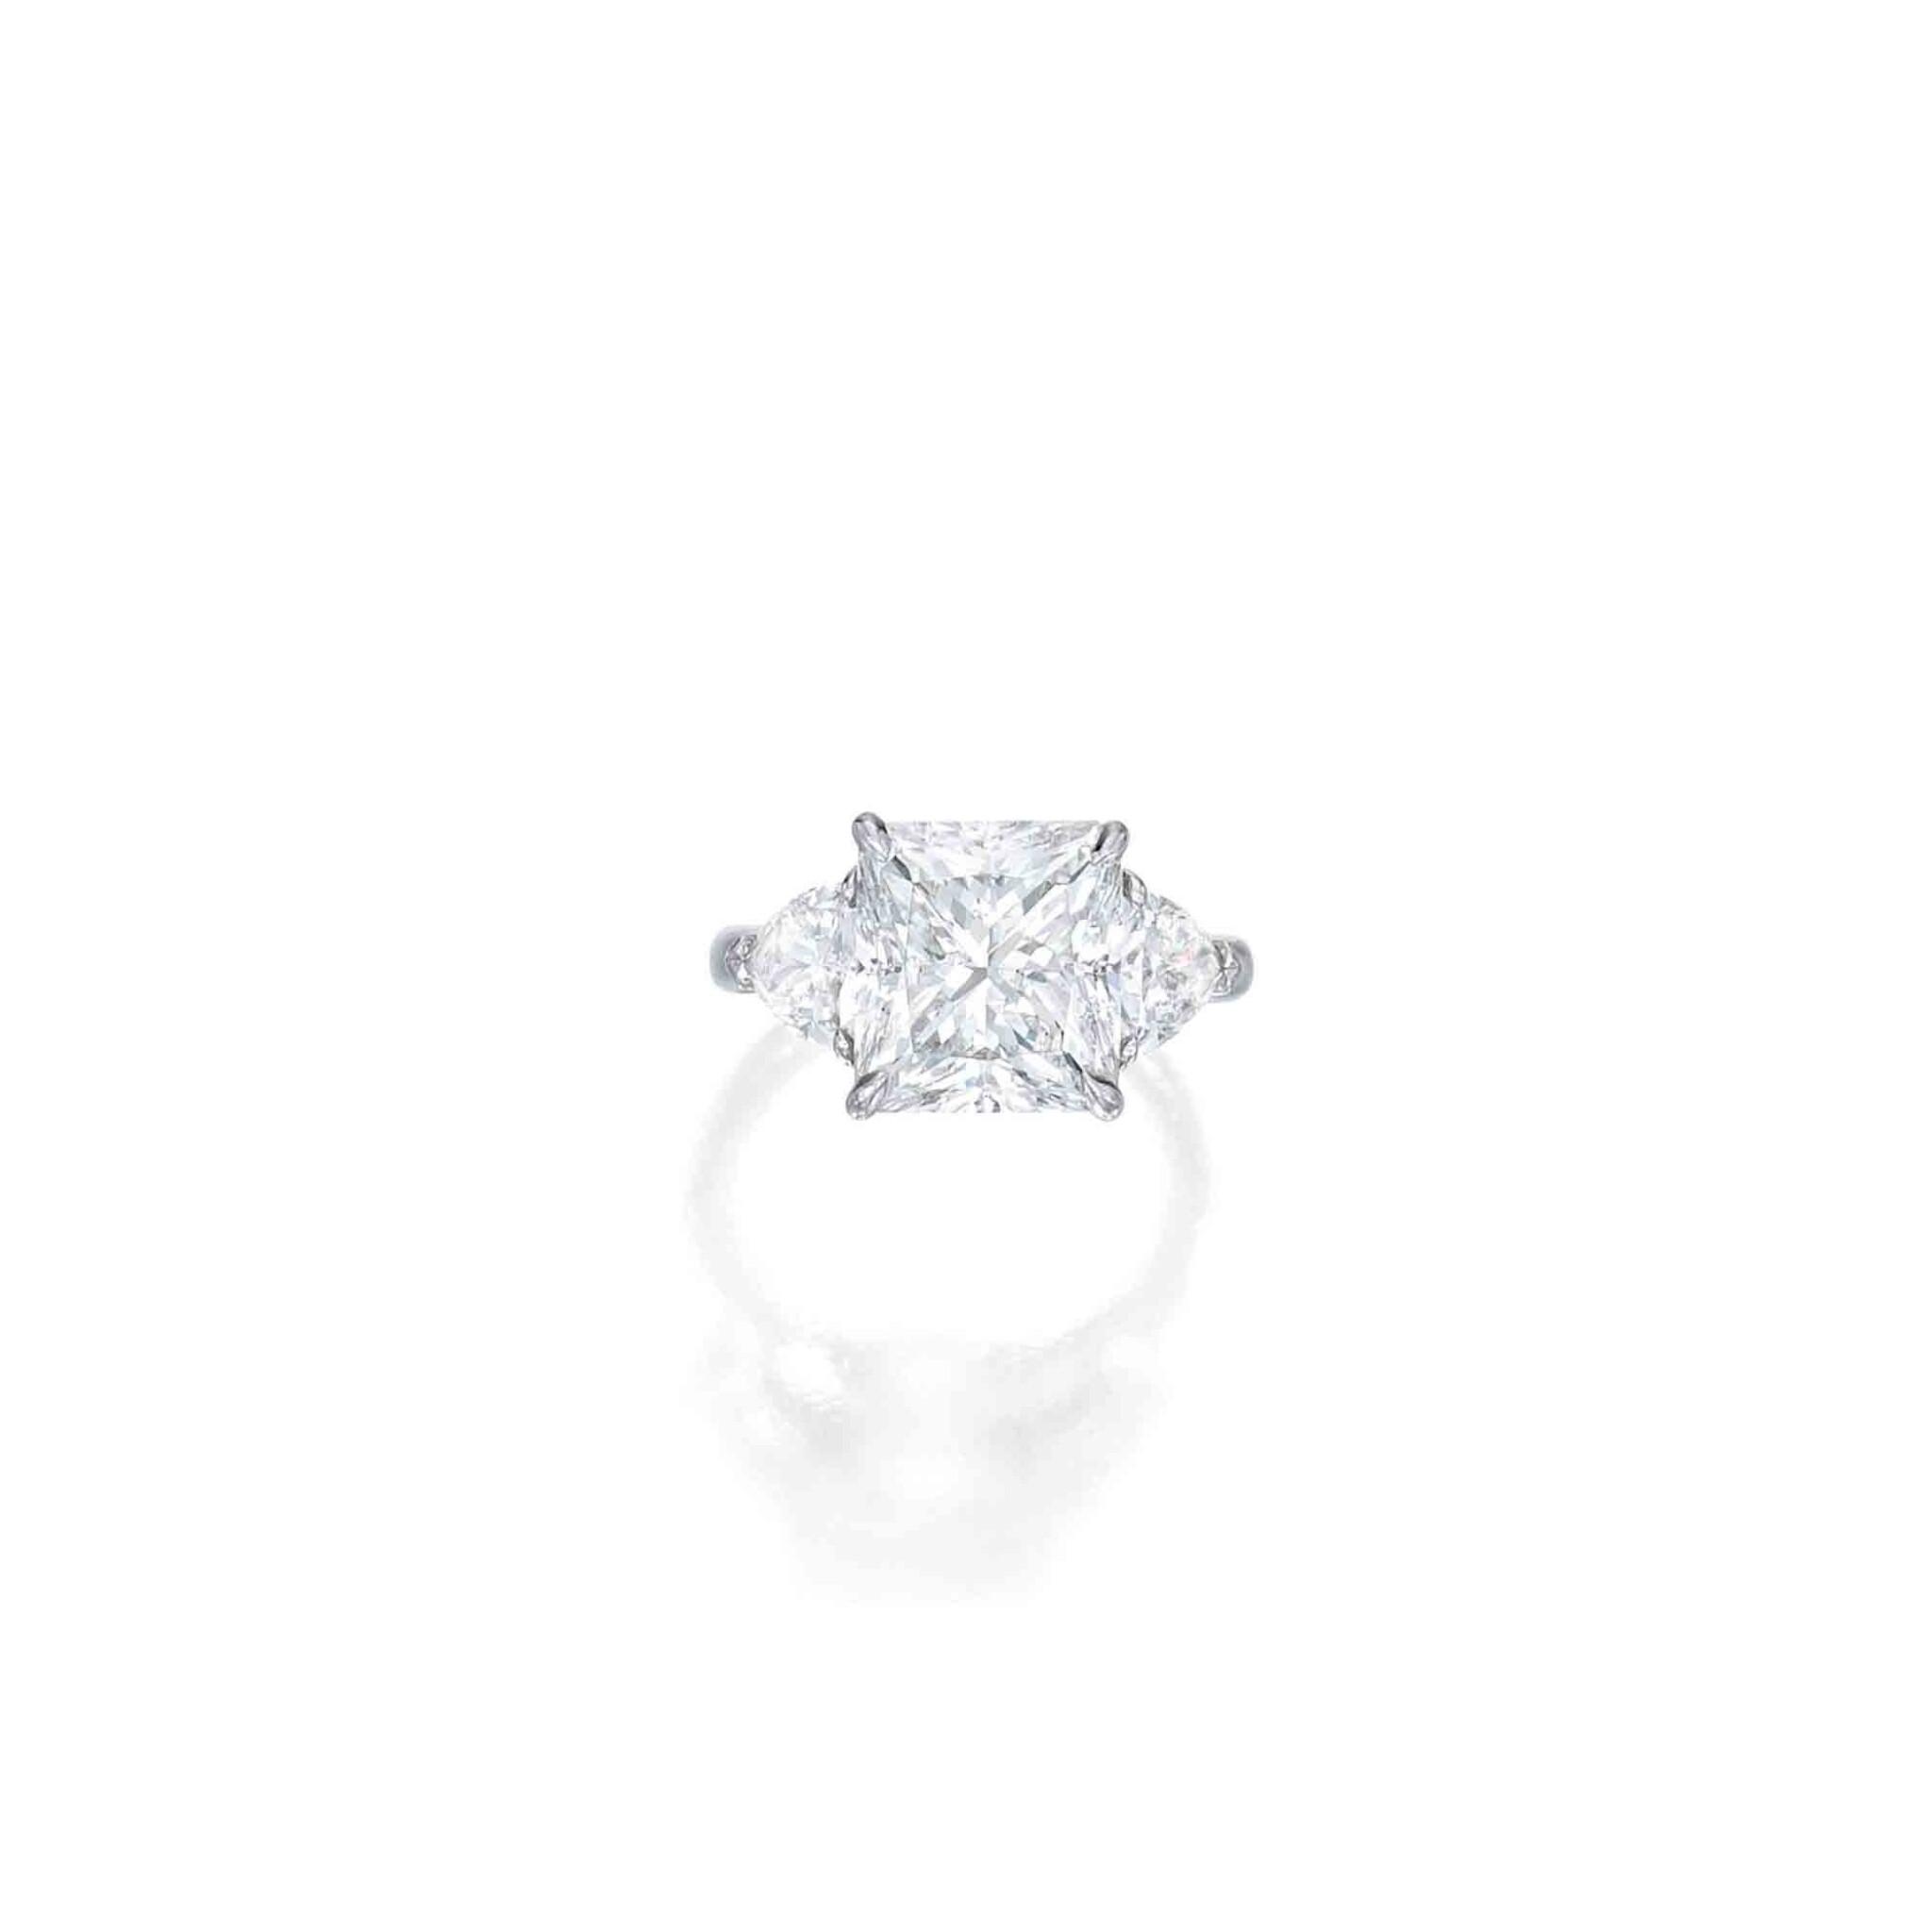 Tiffany & Co. [蒂芙尼] | Diamond Ring [鑽石戒指]